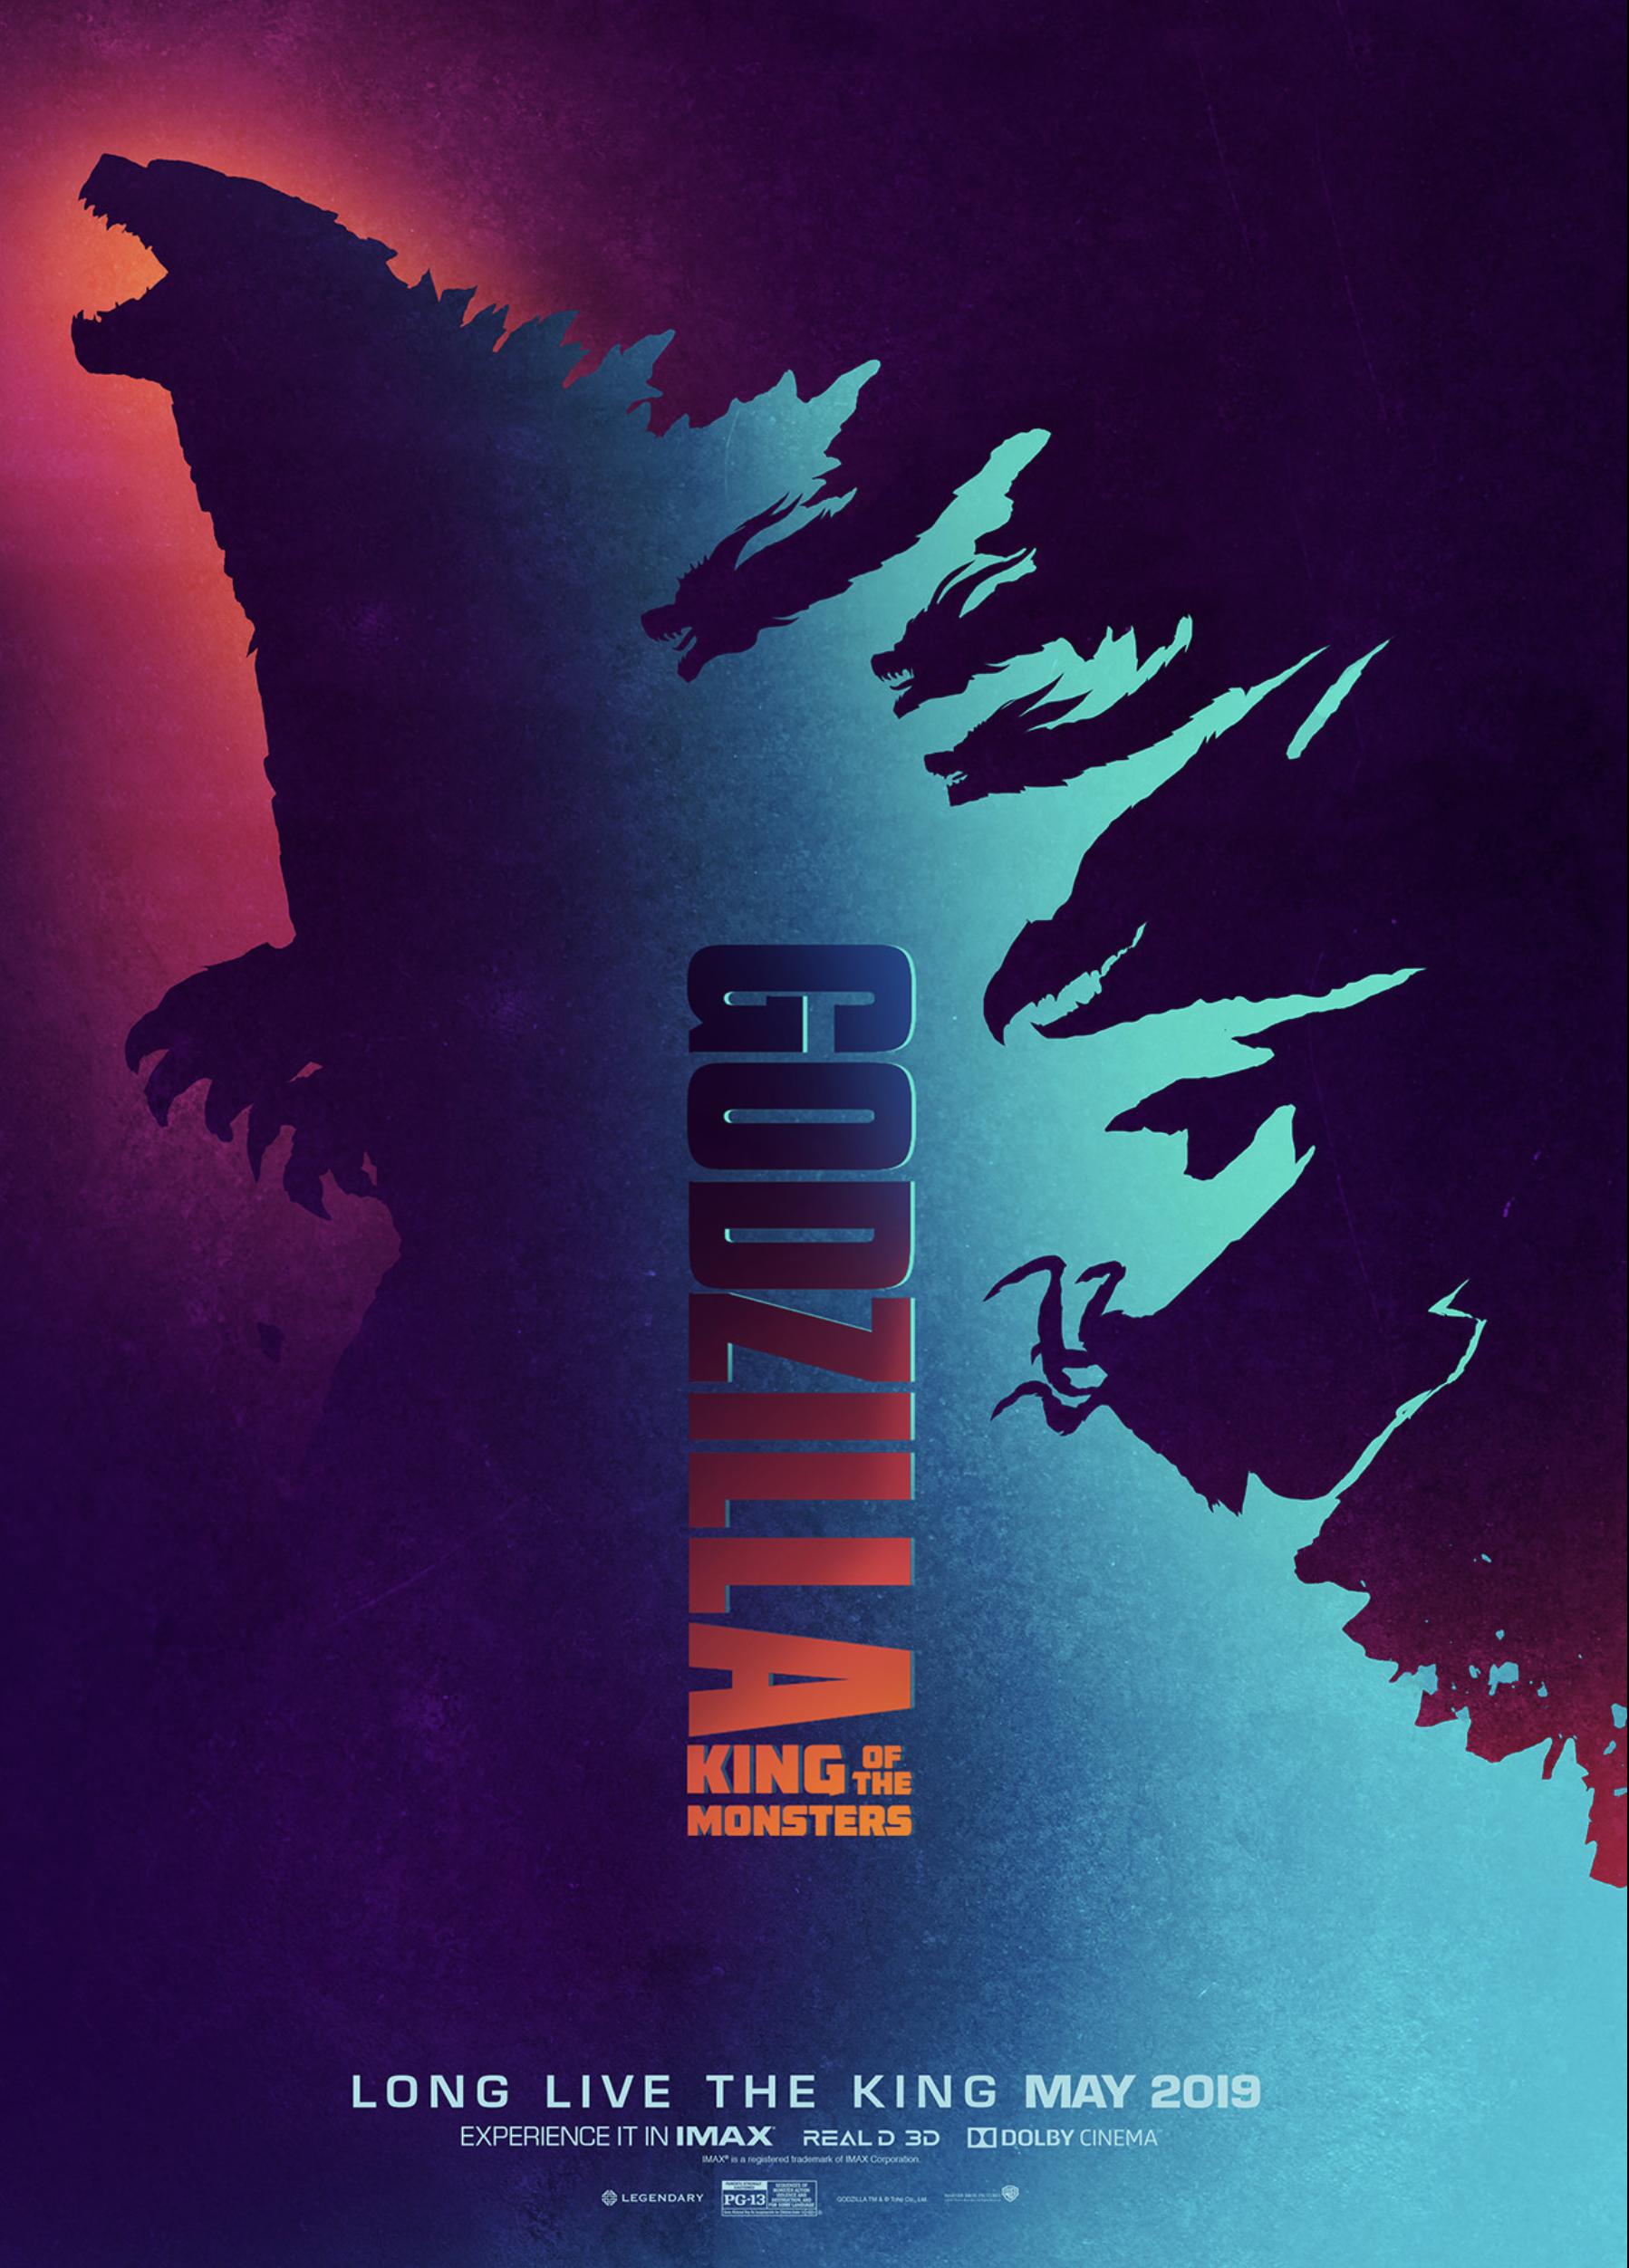 godzilla fan art design 4 Pablo Iranzo Duque movie poster